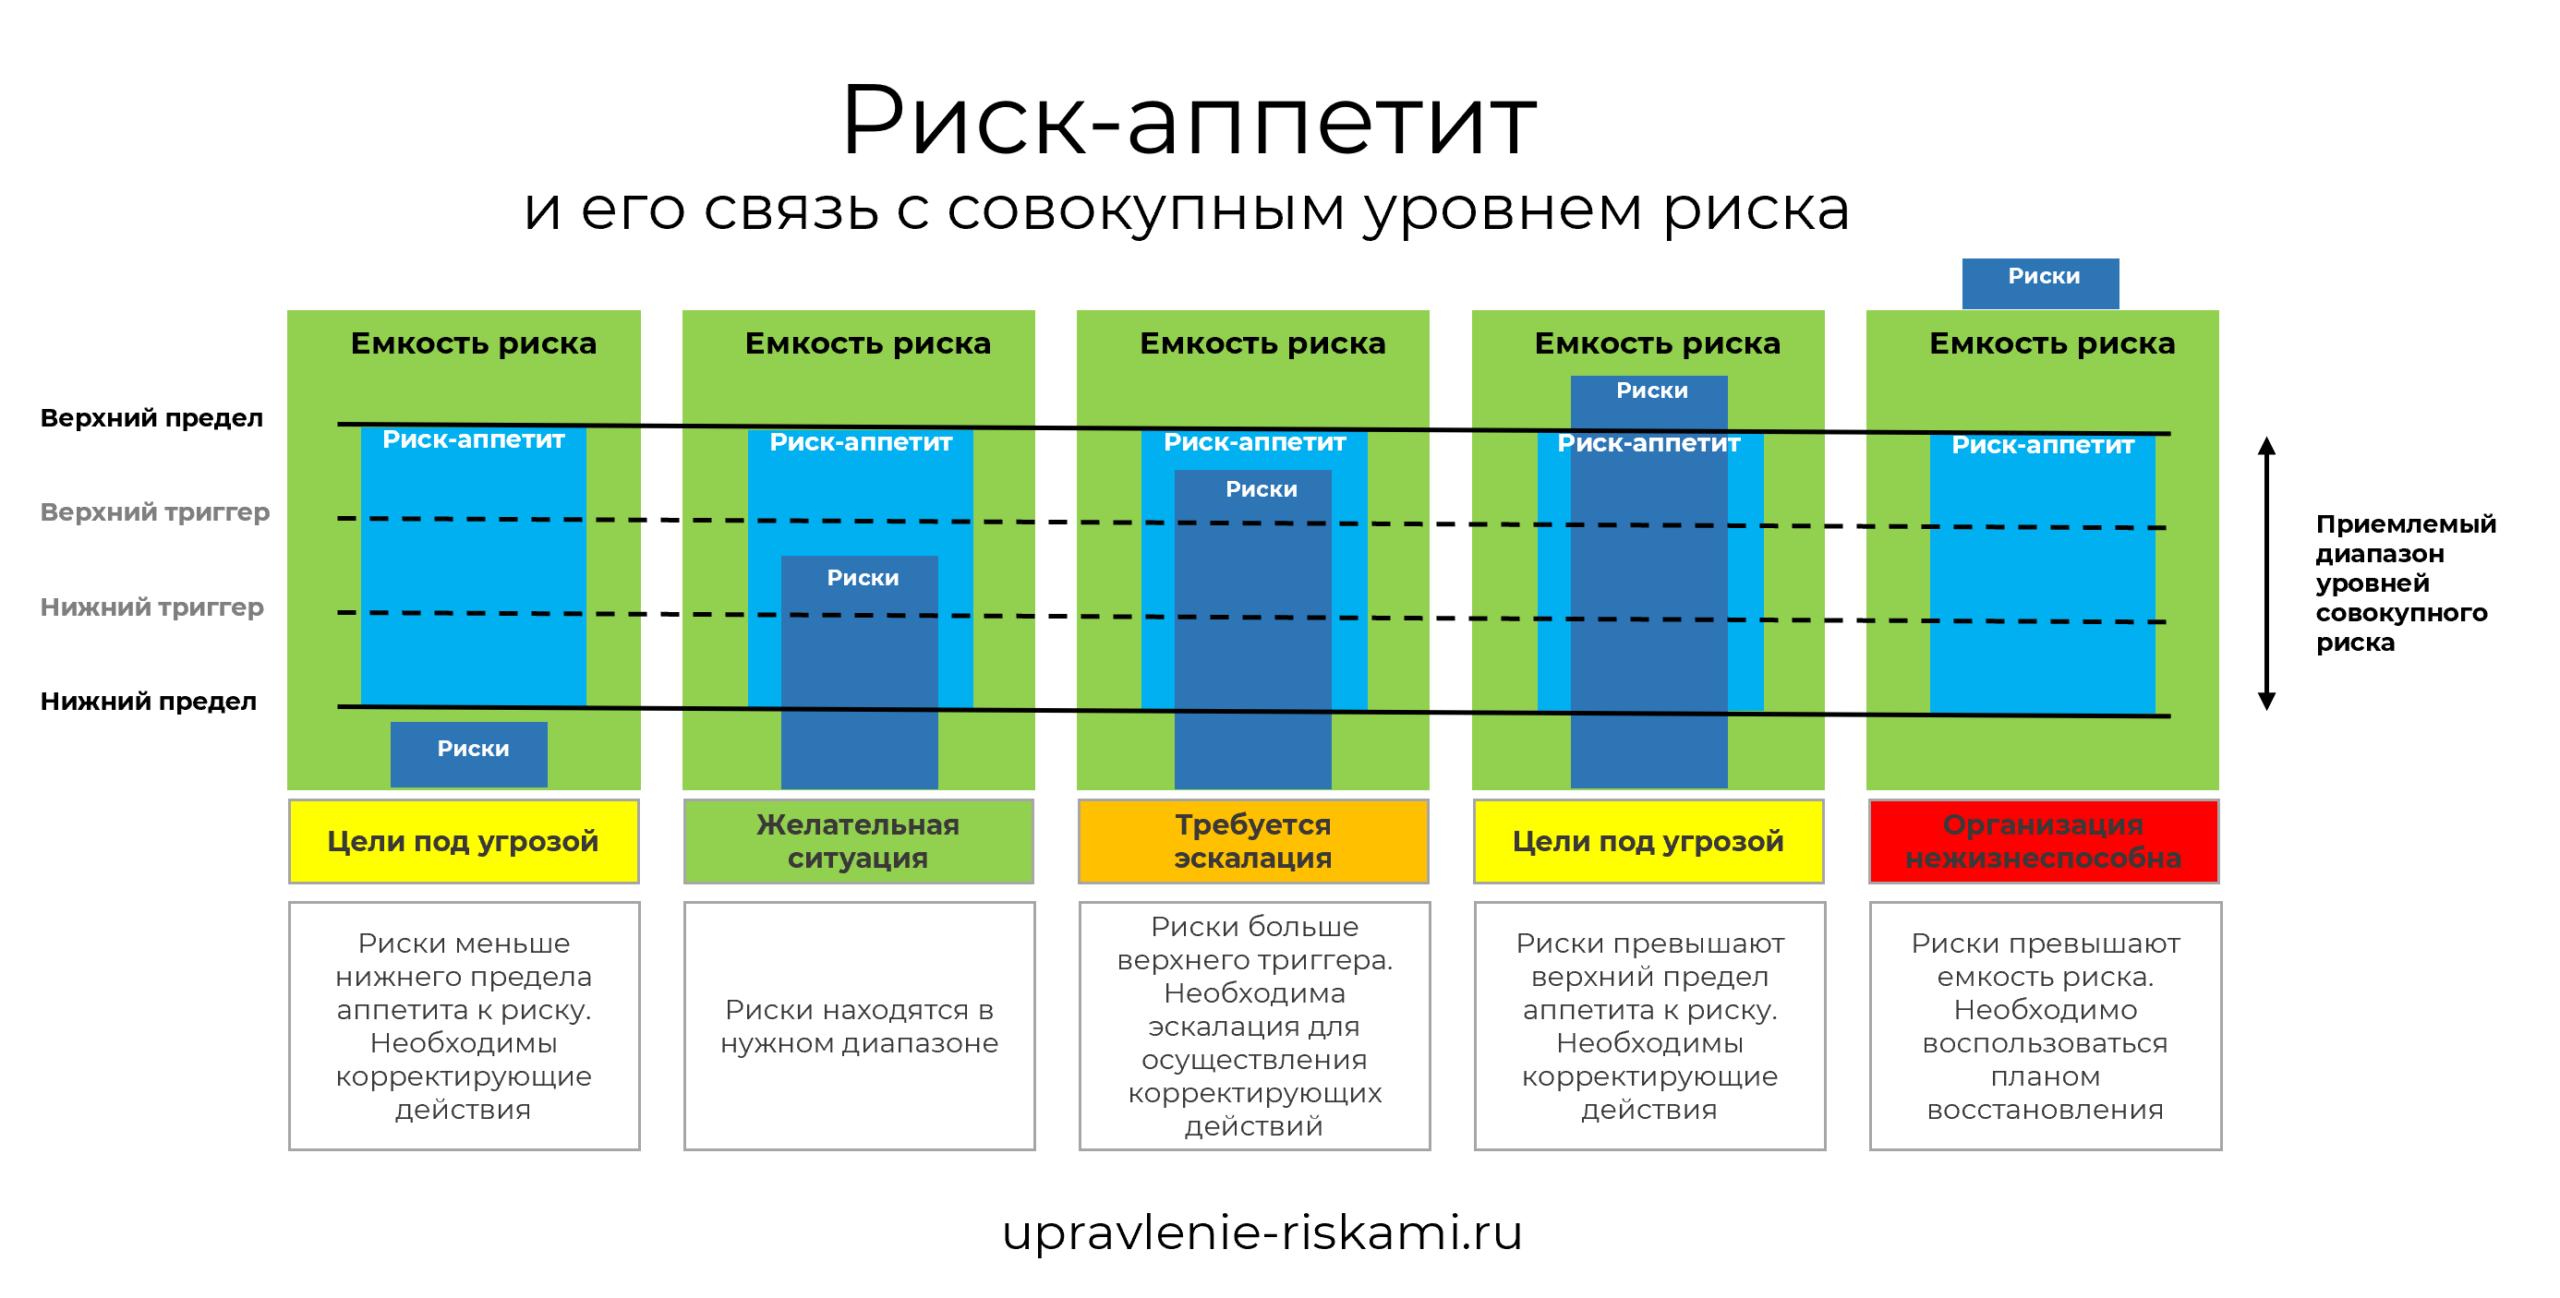 Концепция приемлемого (допустимого) риска